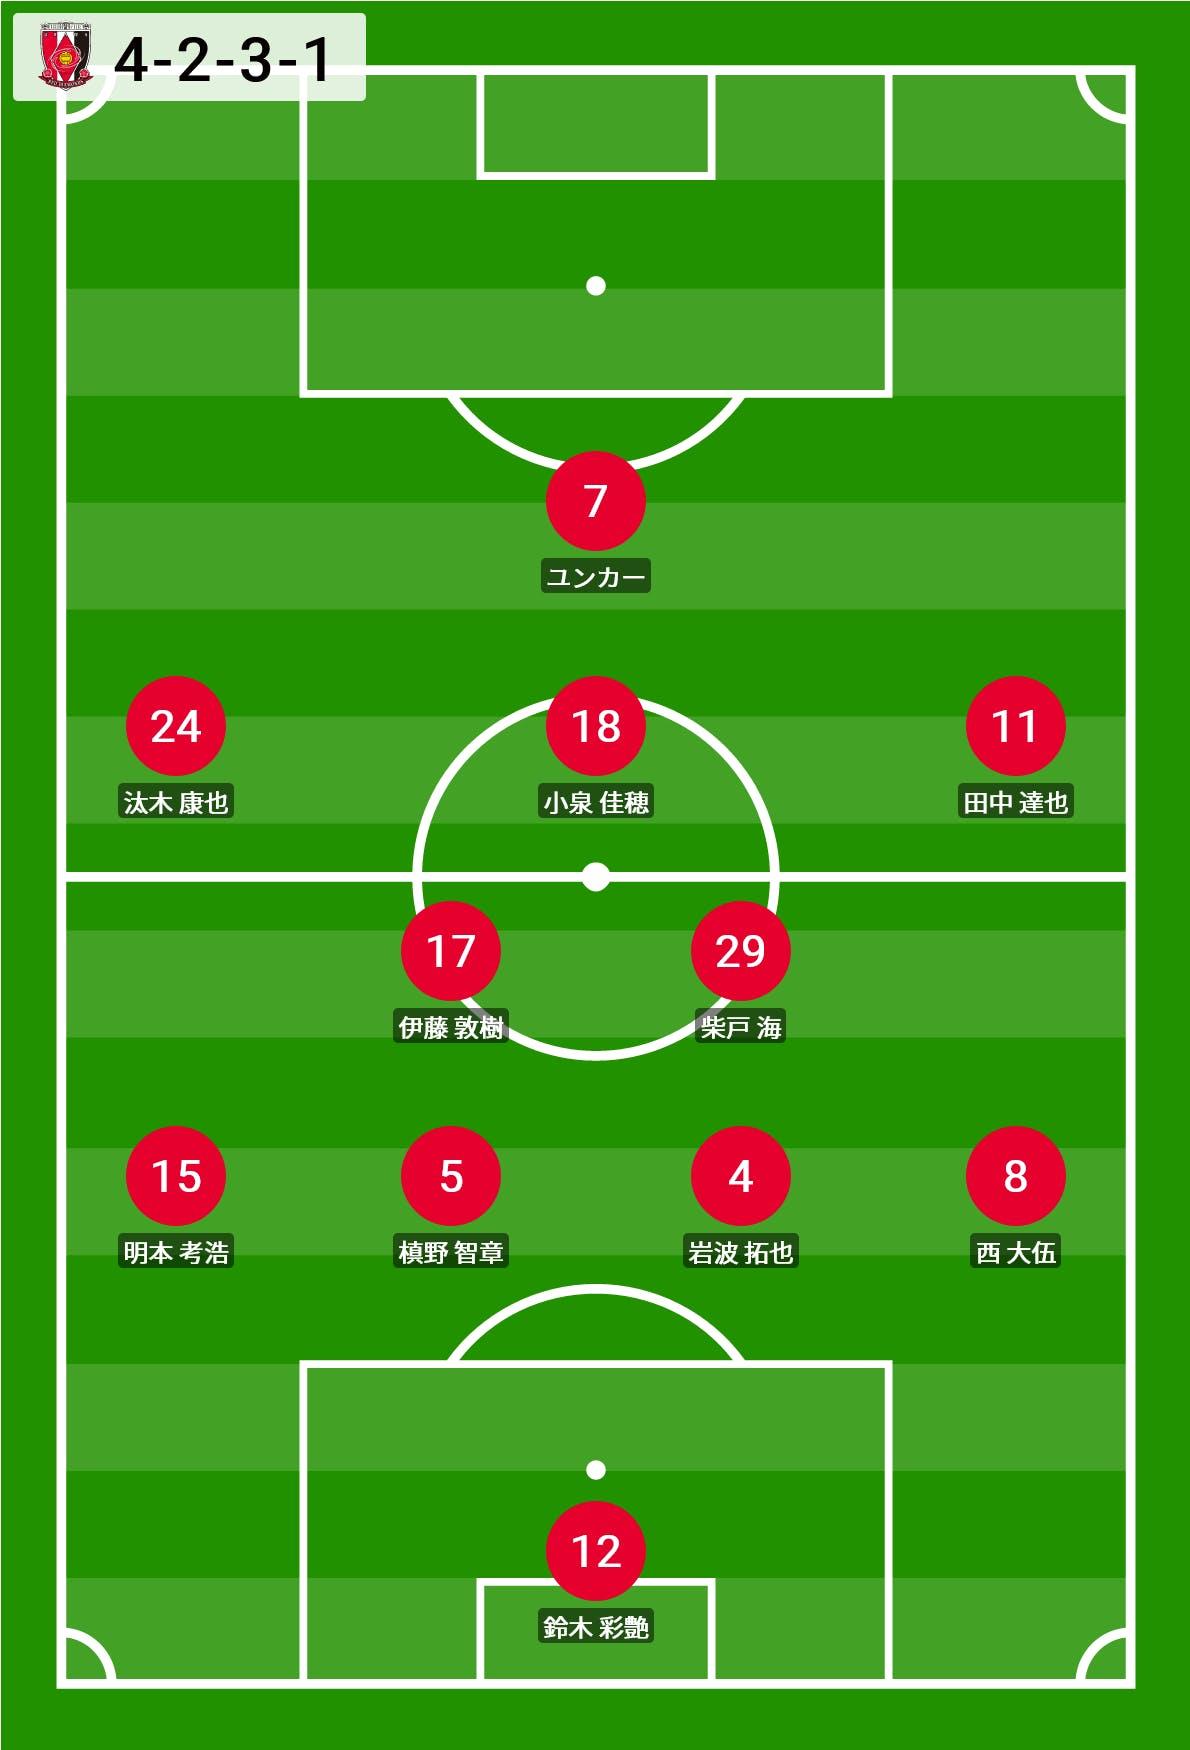 2021 Jリーグ 第16節 エディオンスタジアム広島 アウェー サンフレッチェ広島戦 スターティングラインナップ